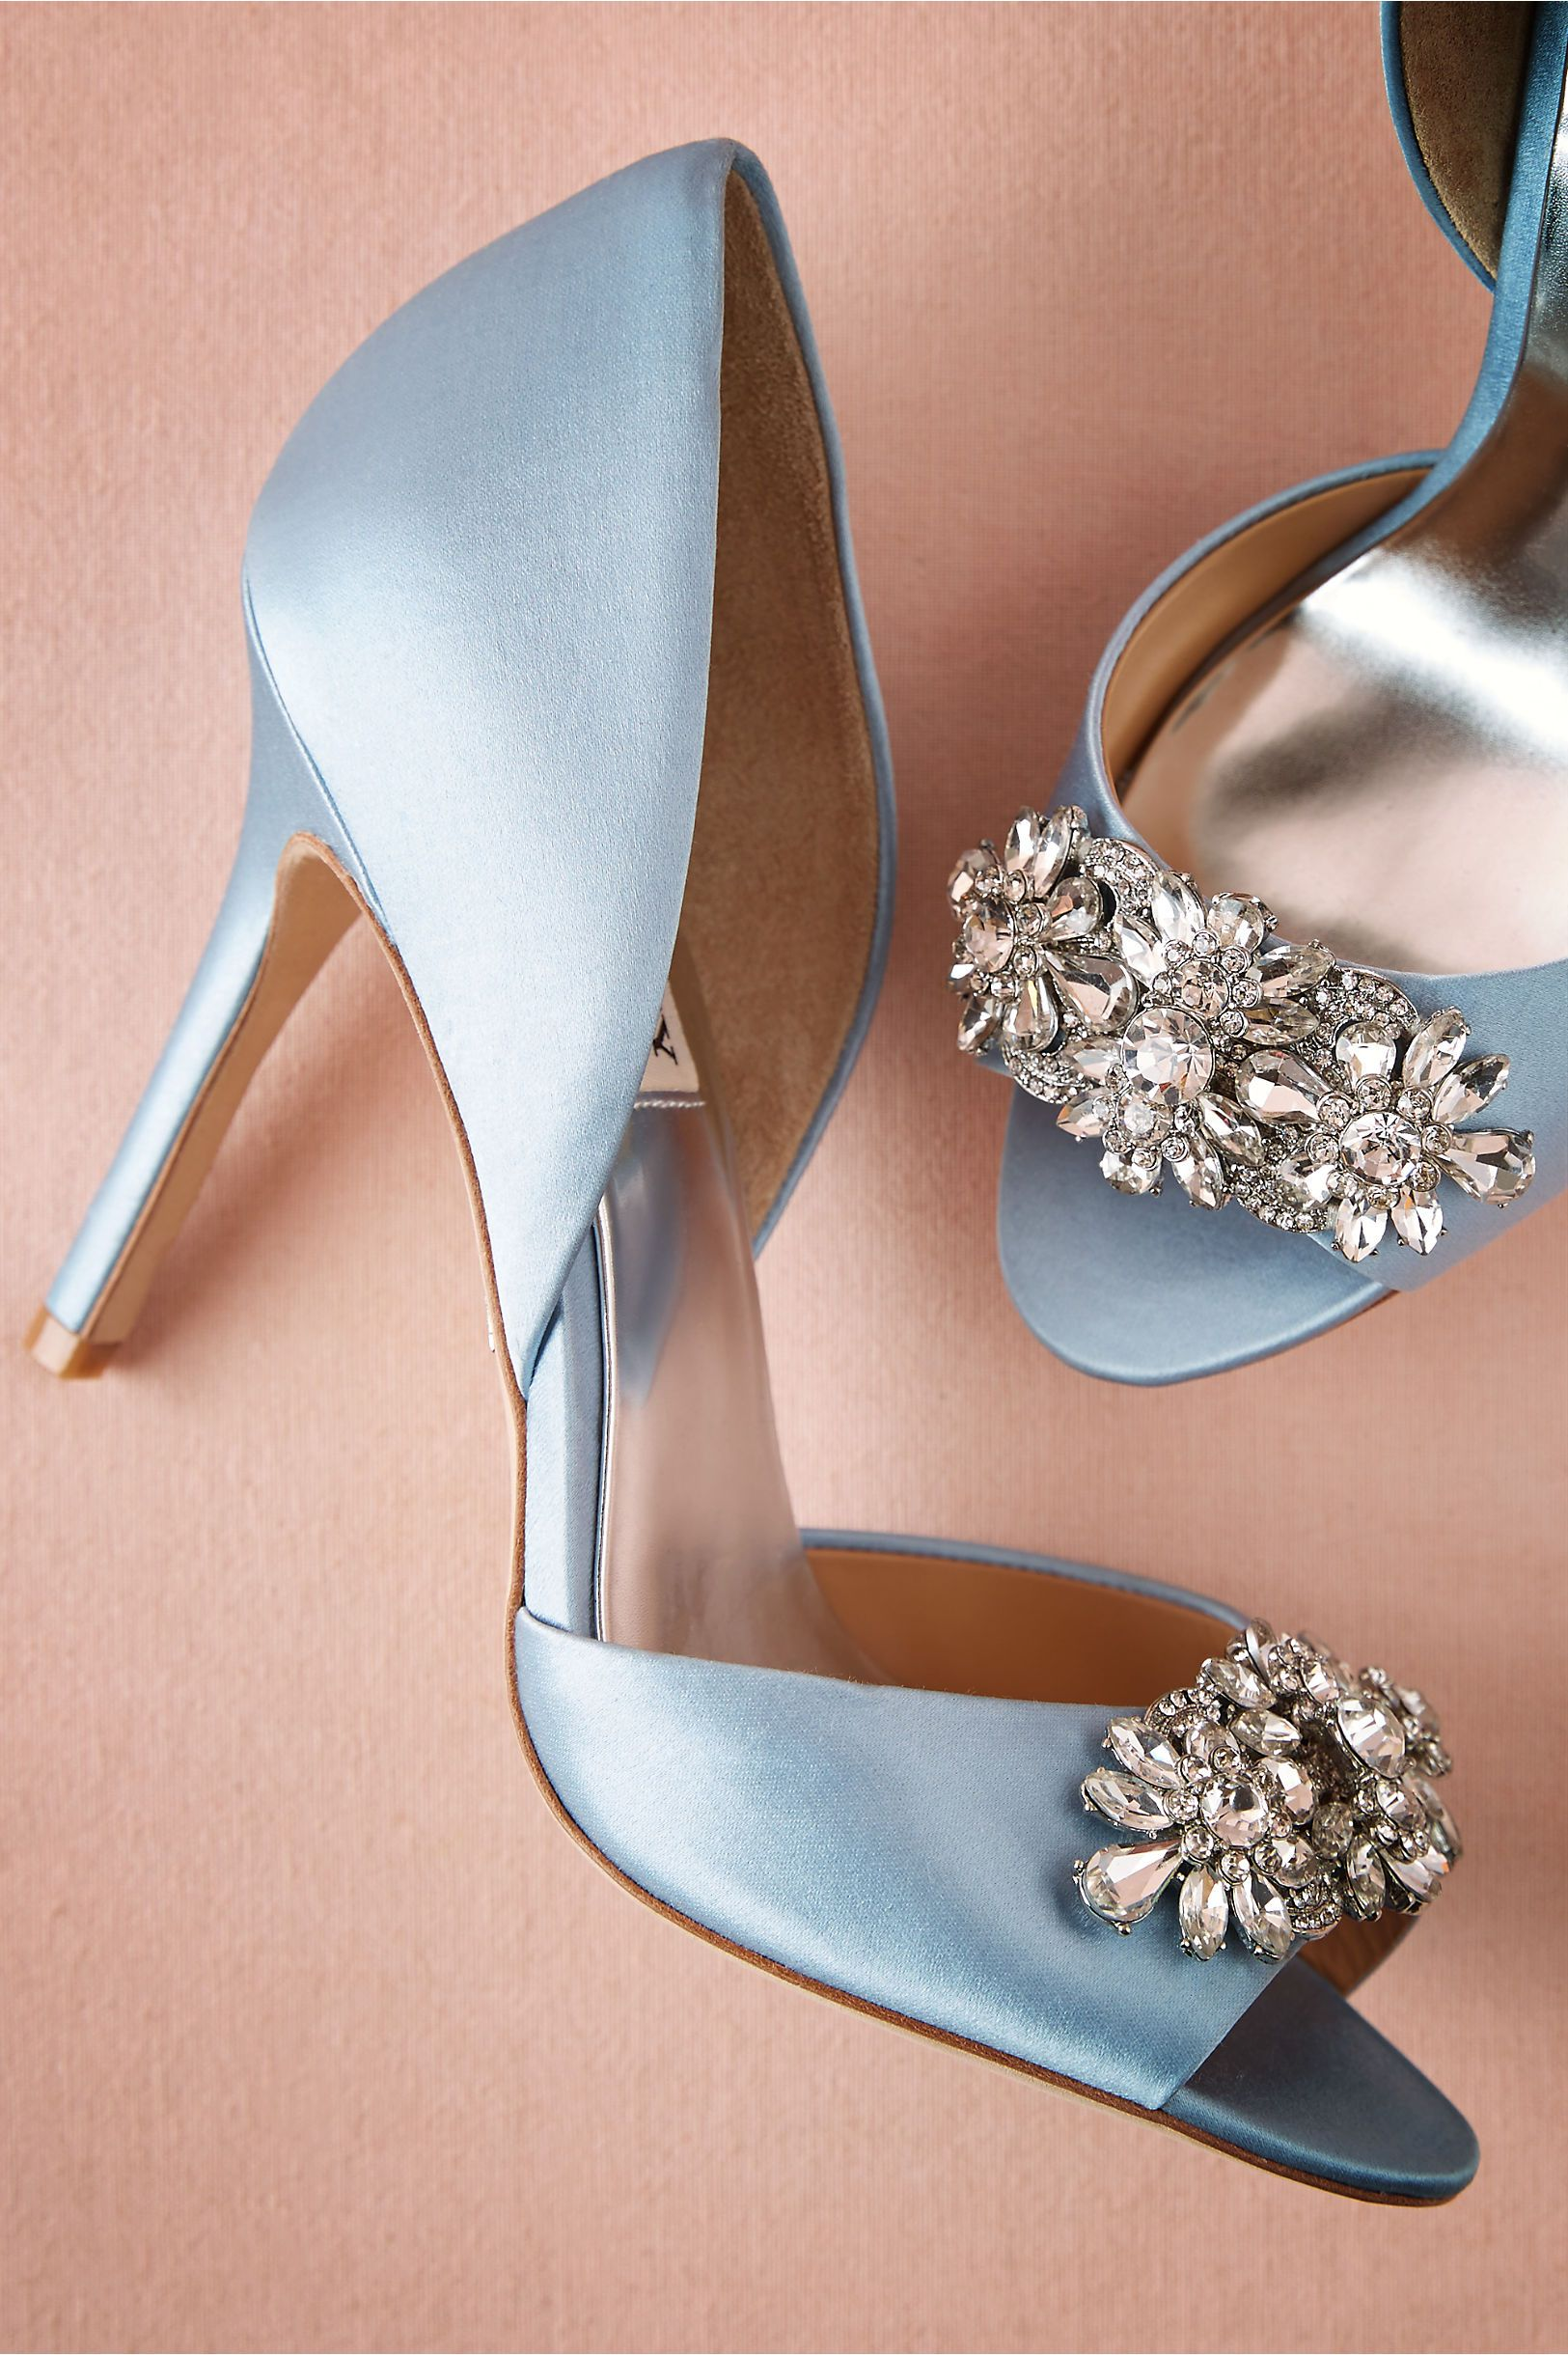 We This Moncheribridals Weddingshoes Bridalshoes Weddingsomethingblue Light Blue